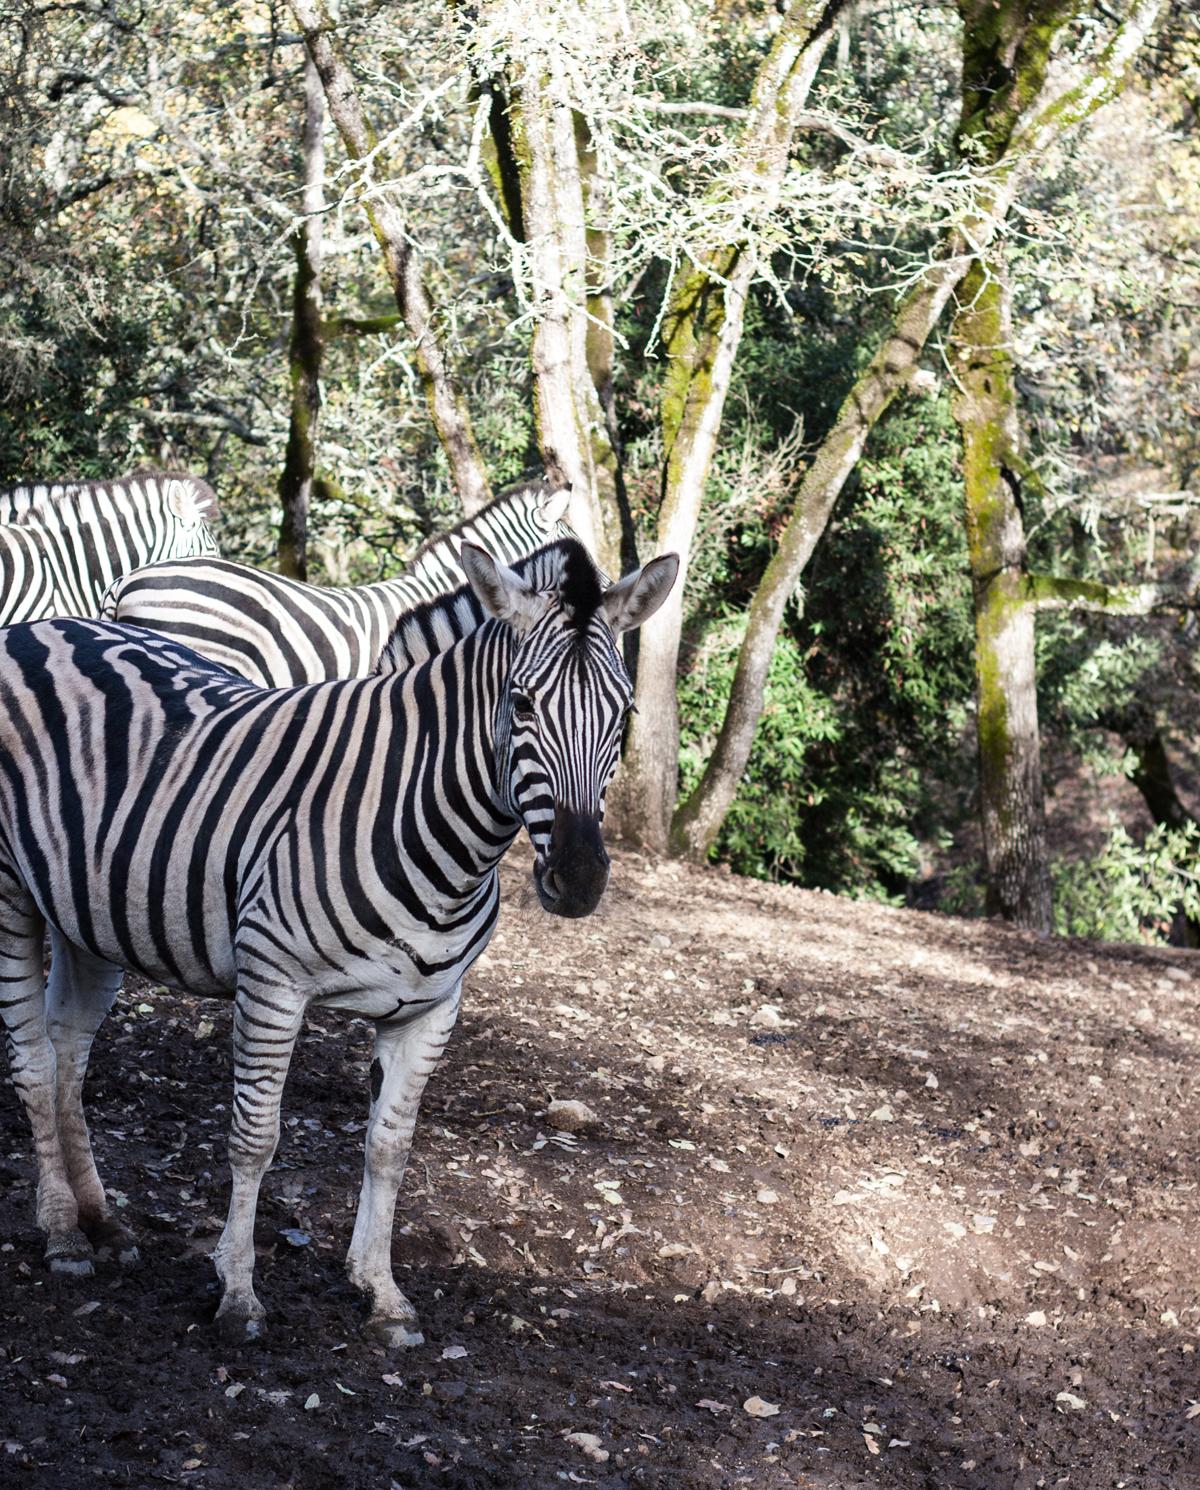 zebras_safari_west